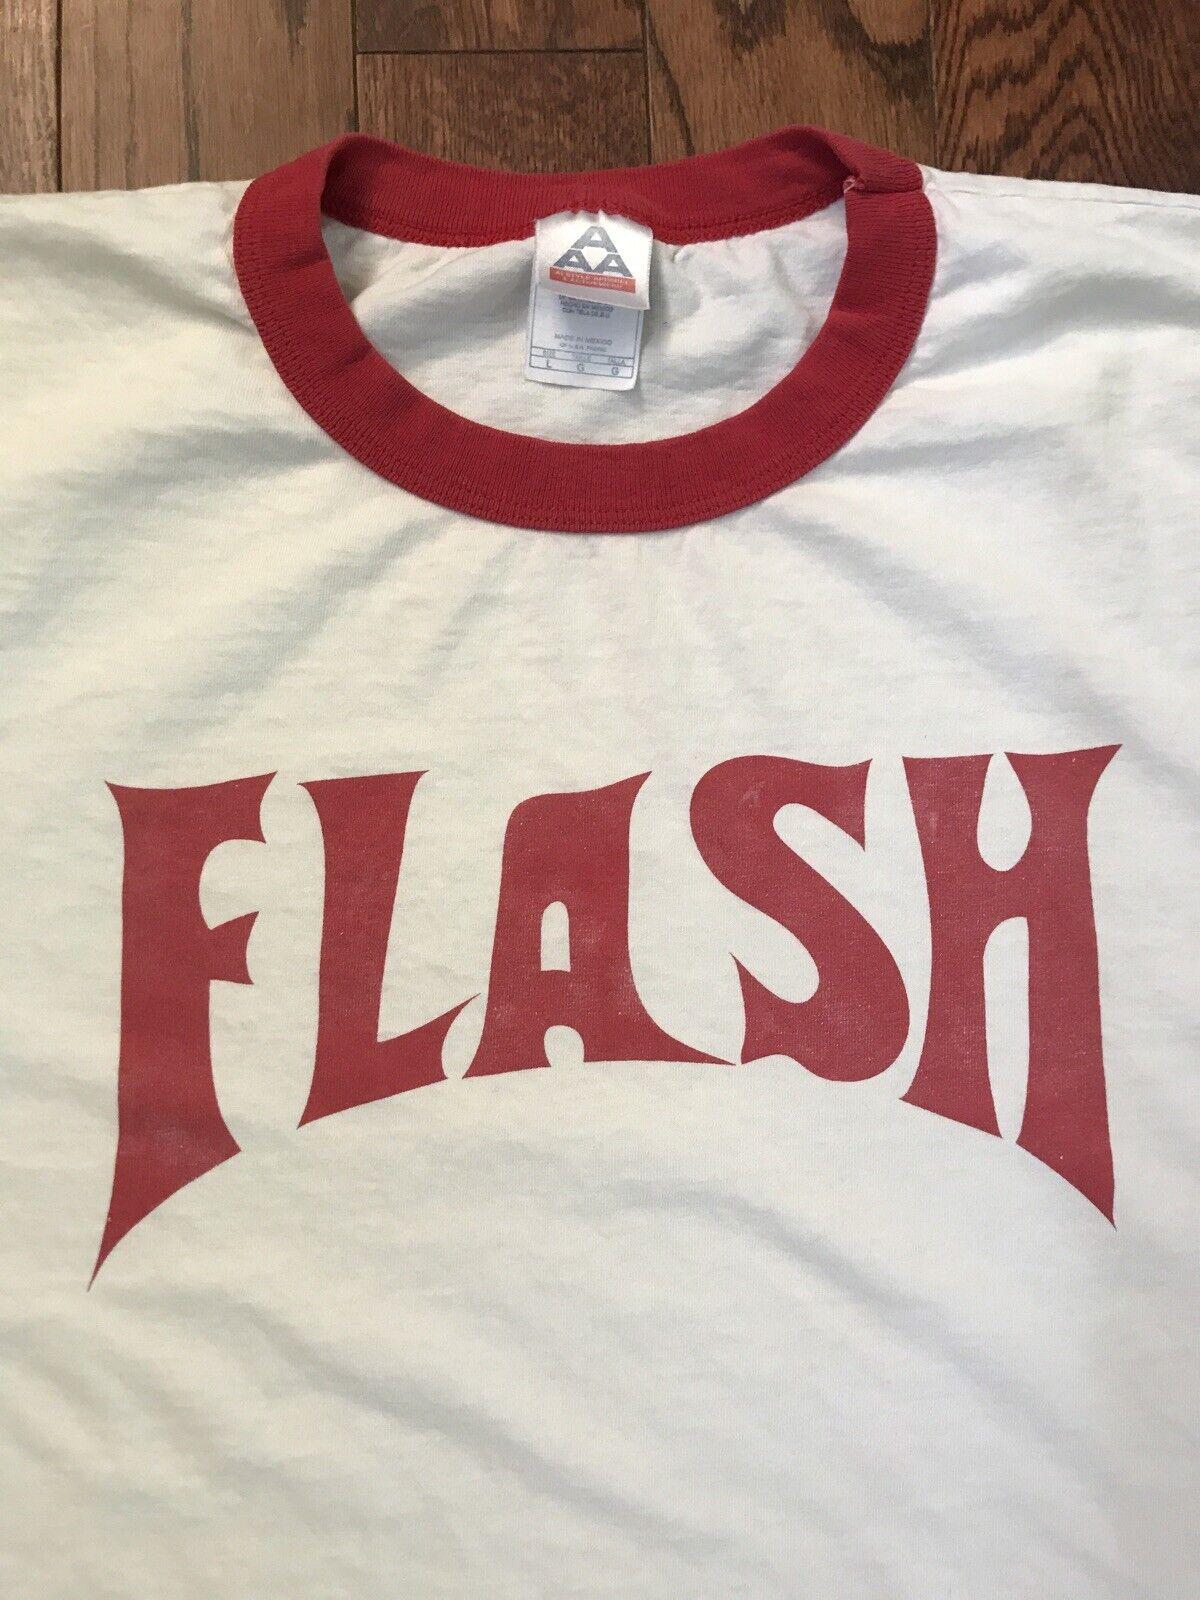 Queen /'Flash/' Ringer T-Shirt NEW /& OFFICIAL!